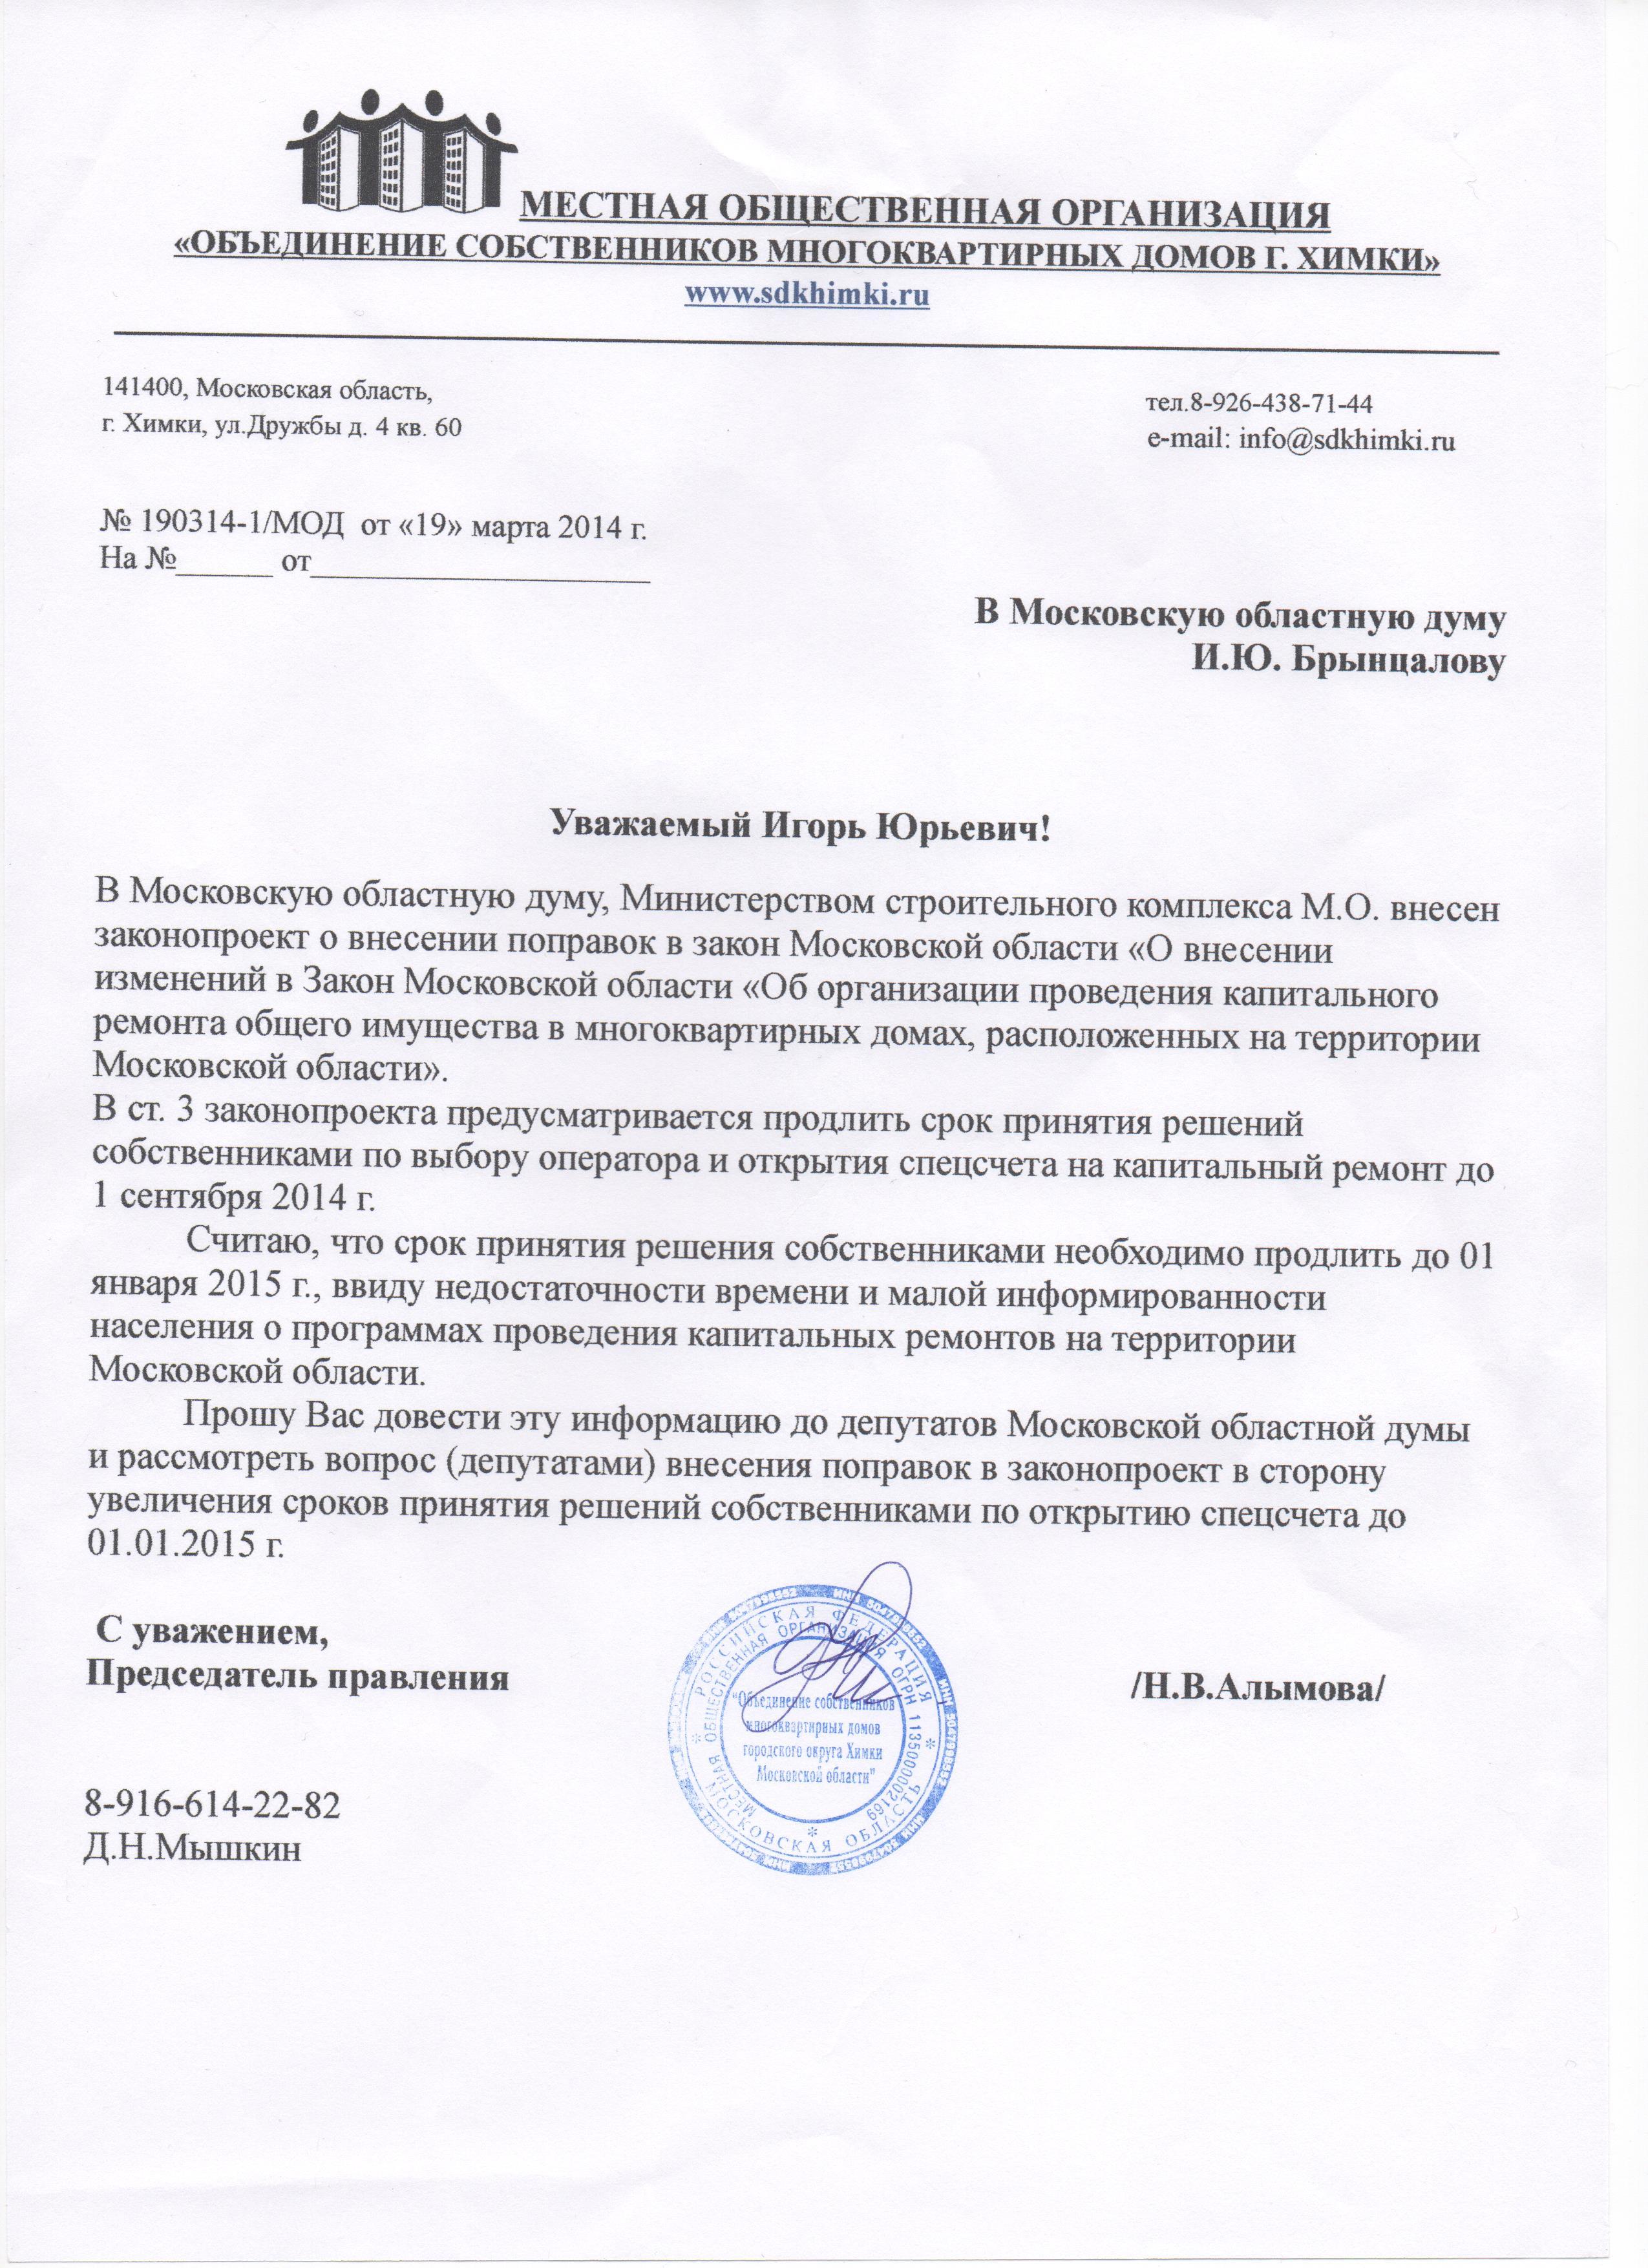 МОО ОС исх №19.03.14МОД _капремонт_продление сроков 001